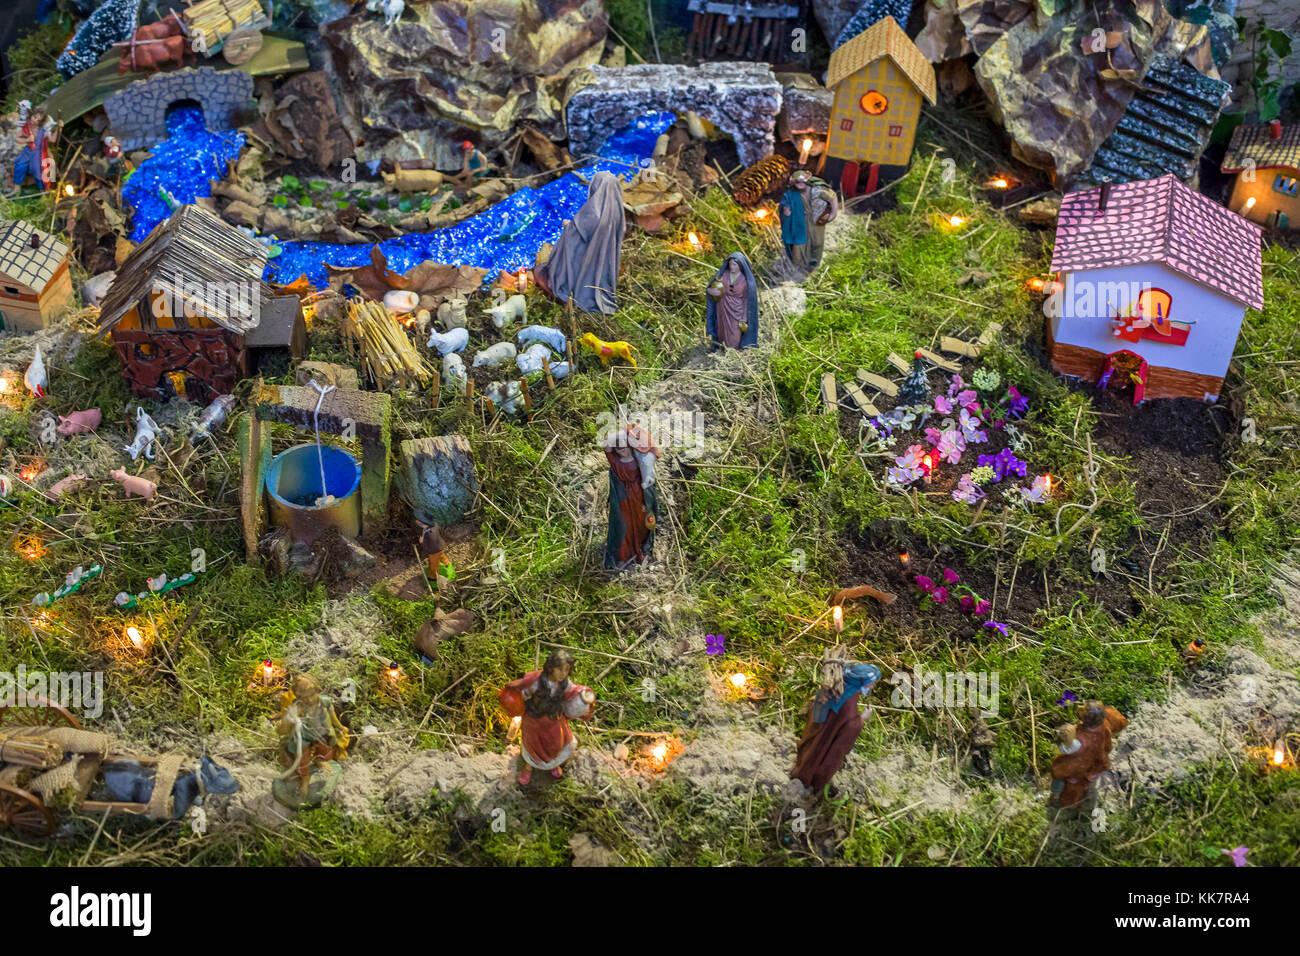 Weihnachten Krippe mit Figuren wie Jesus, Maria, Josef, Schafe und Sterndeuter. Stockfoto